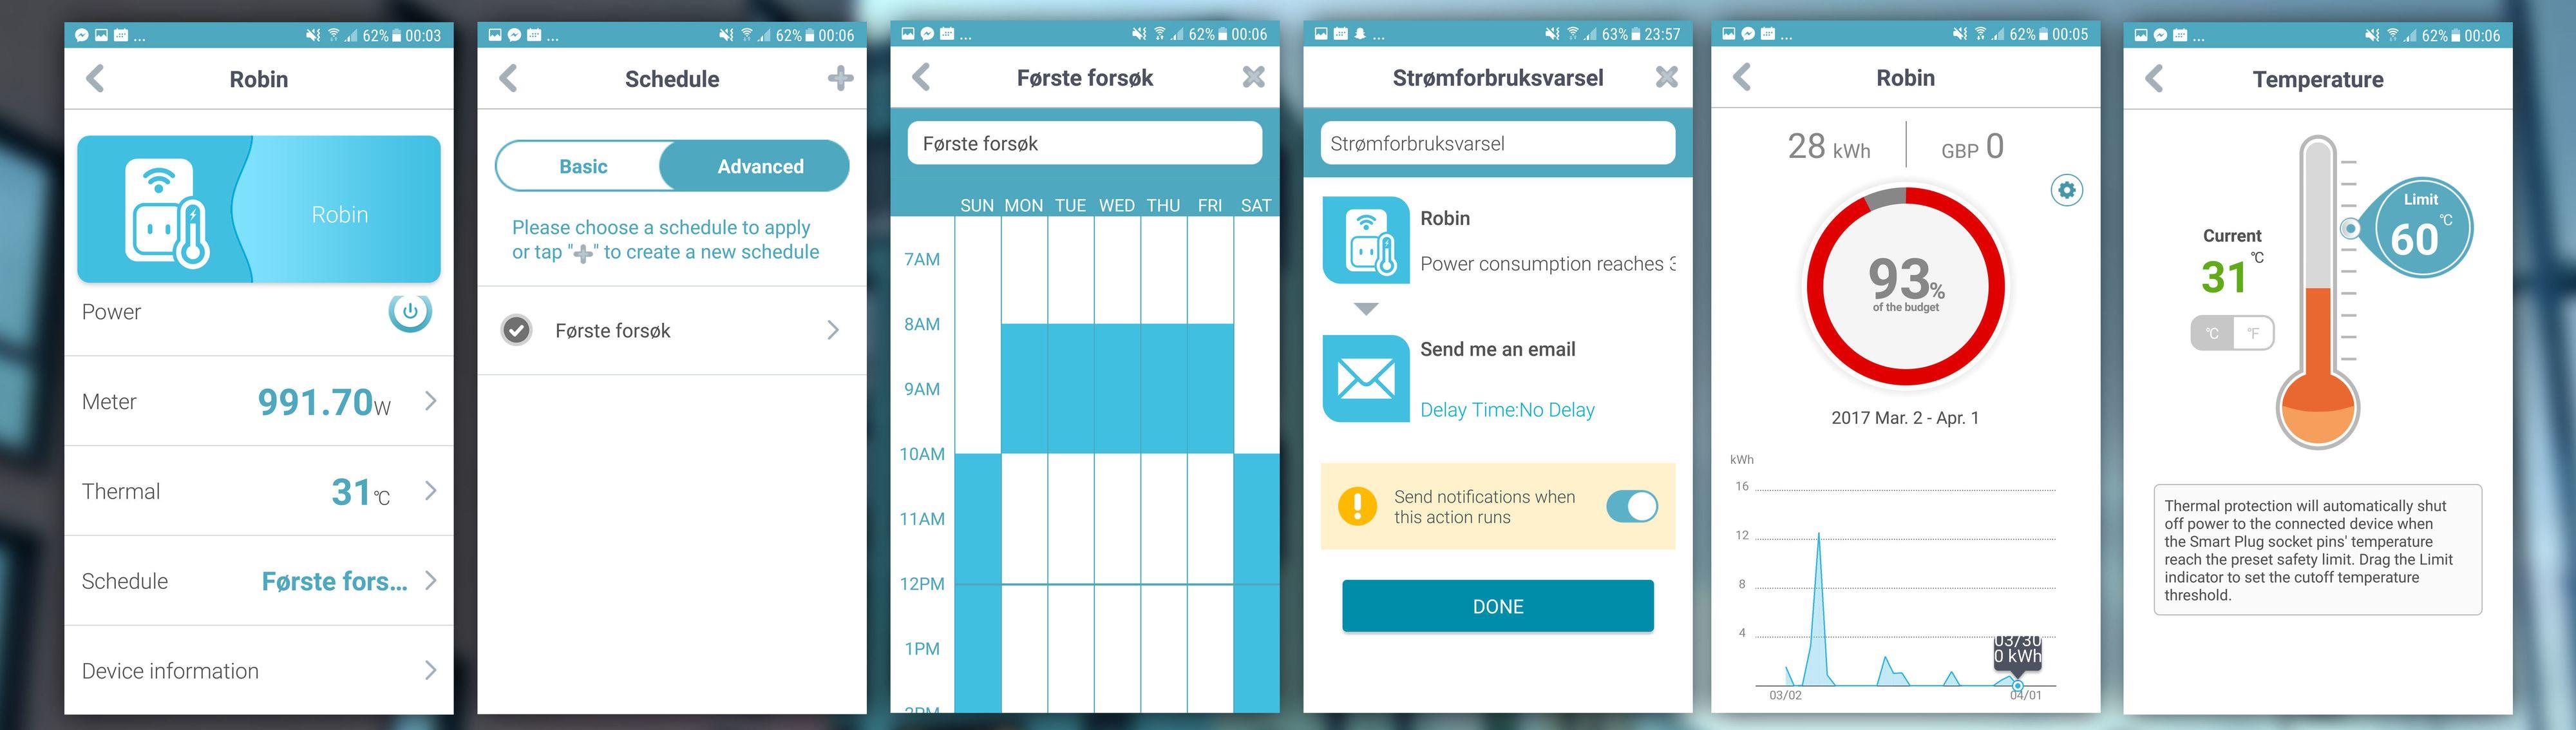 ...spesielt tidsplanen i D-Link-appen er forvirrende. Litt knotete å sette den opp er den også. Plusspoeng for mulighet til temperatur- og strømforbruksvarsel, dog.